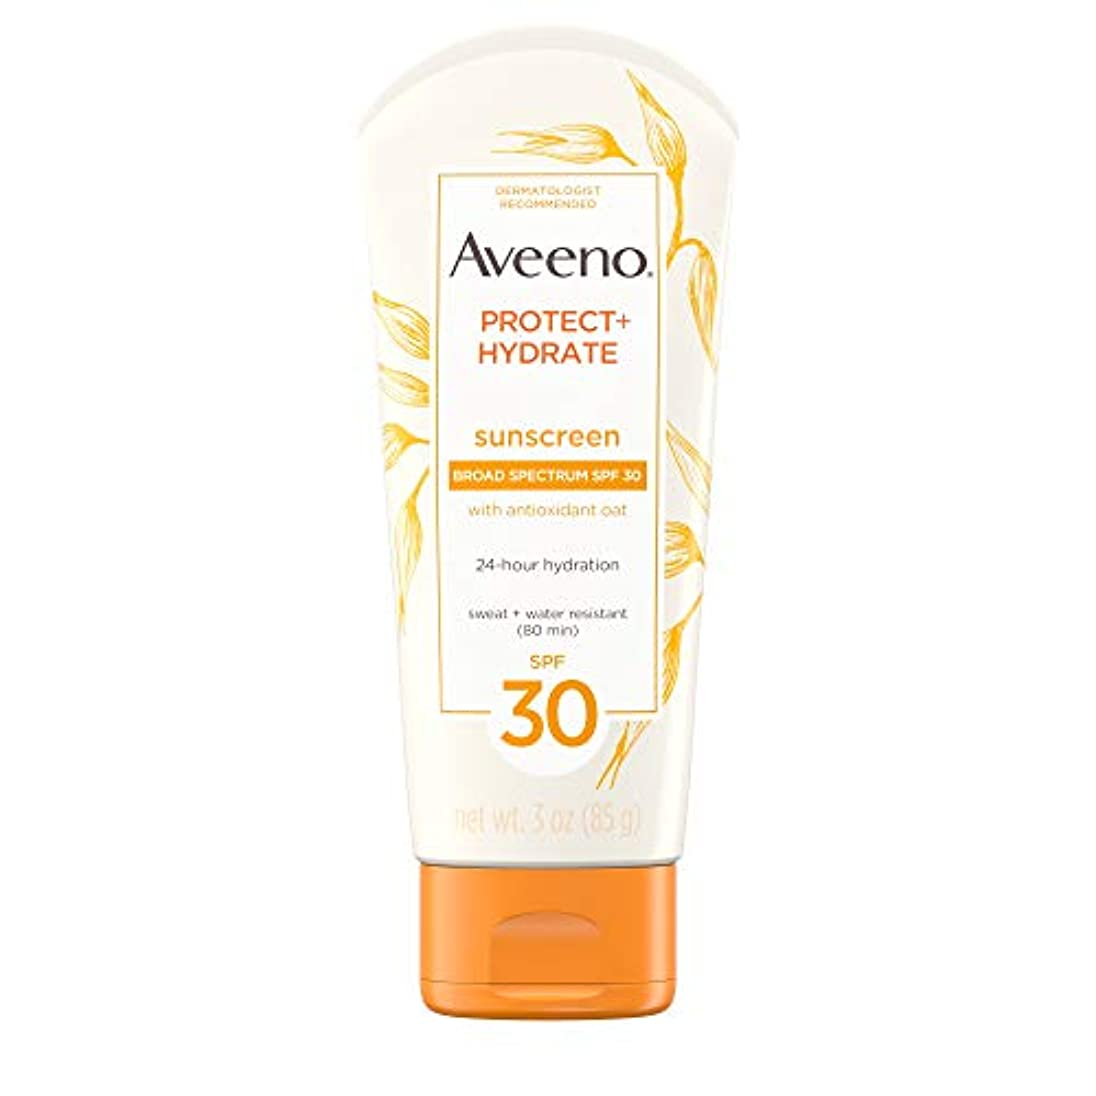 液化するコック銃Aveeno アビーノ 日焼け止め ローションSPF-30 protect+hydrate Sunscreen Lotion(平行輸入品) 85g (3Oz)